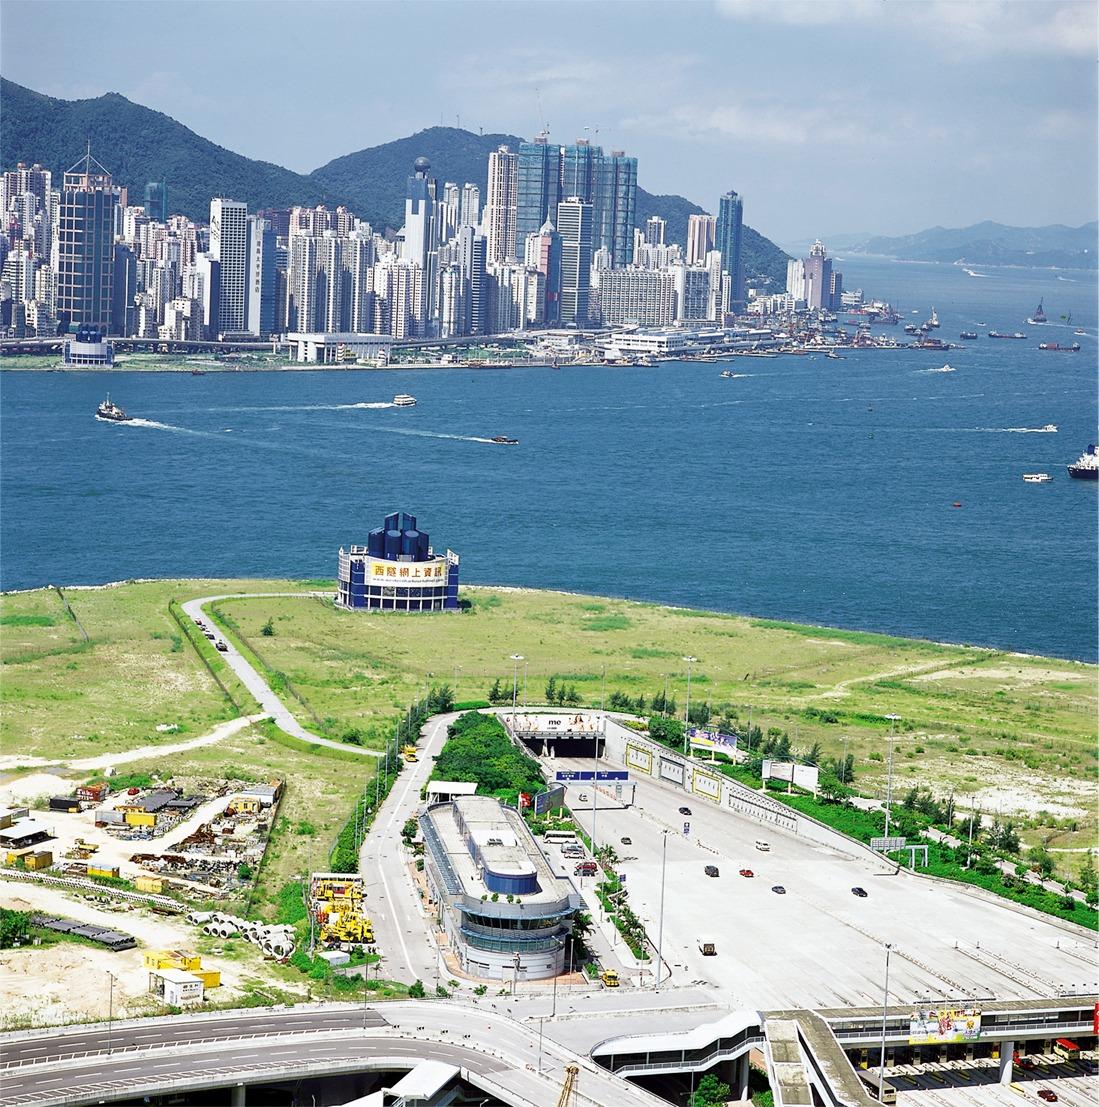 當代中國-飛凡香港-西隧通車三隧分流解決港人塞車煩惱